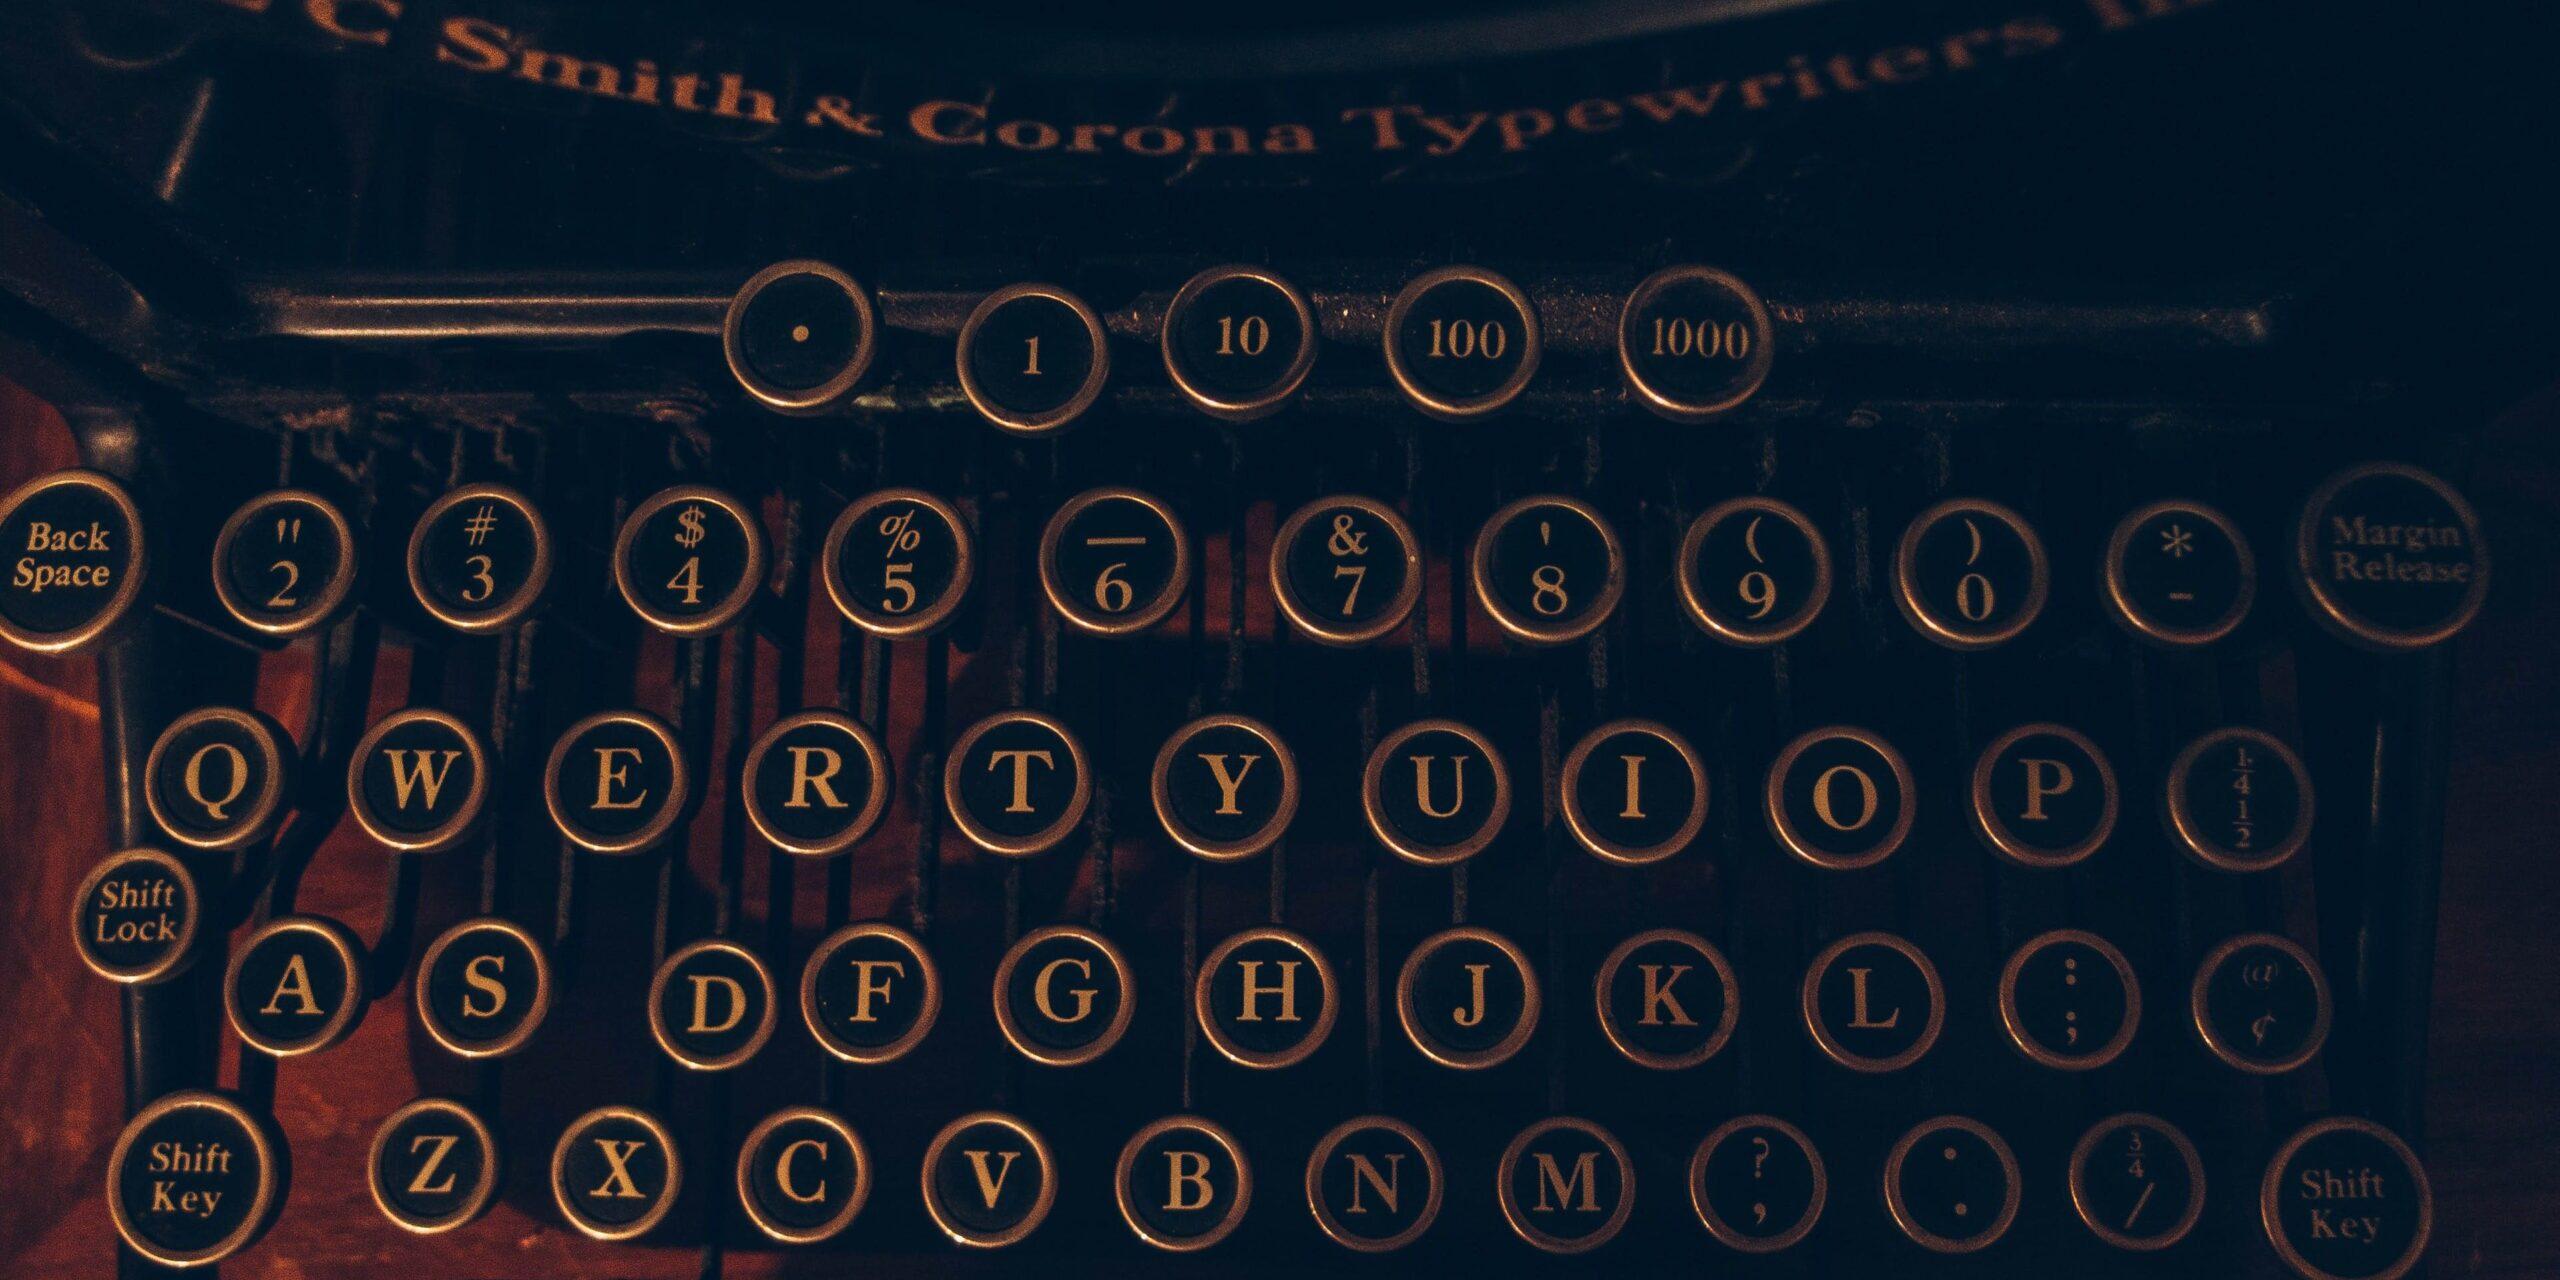 Writers Guild Typewriter